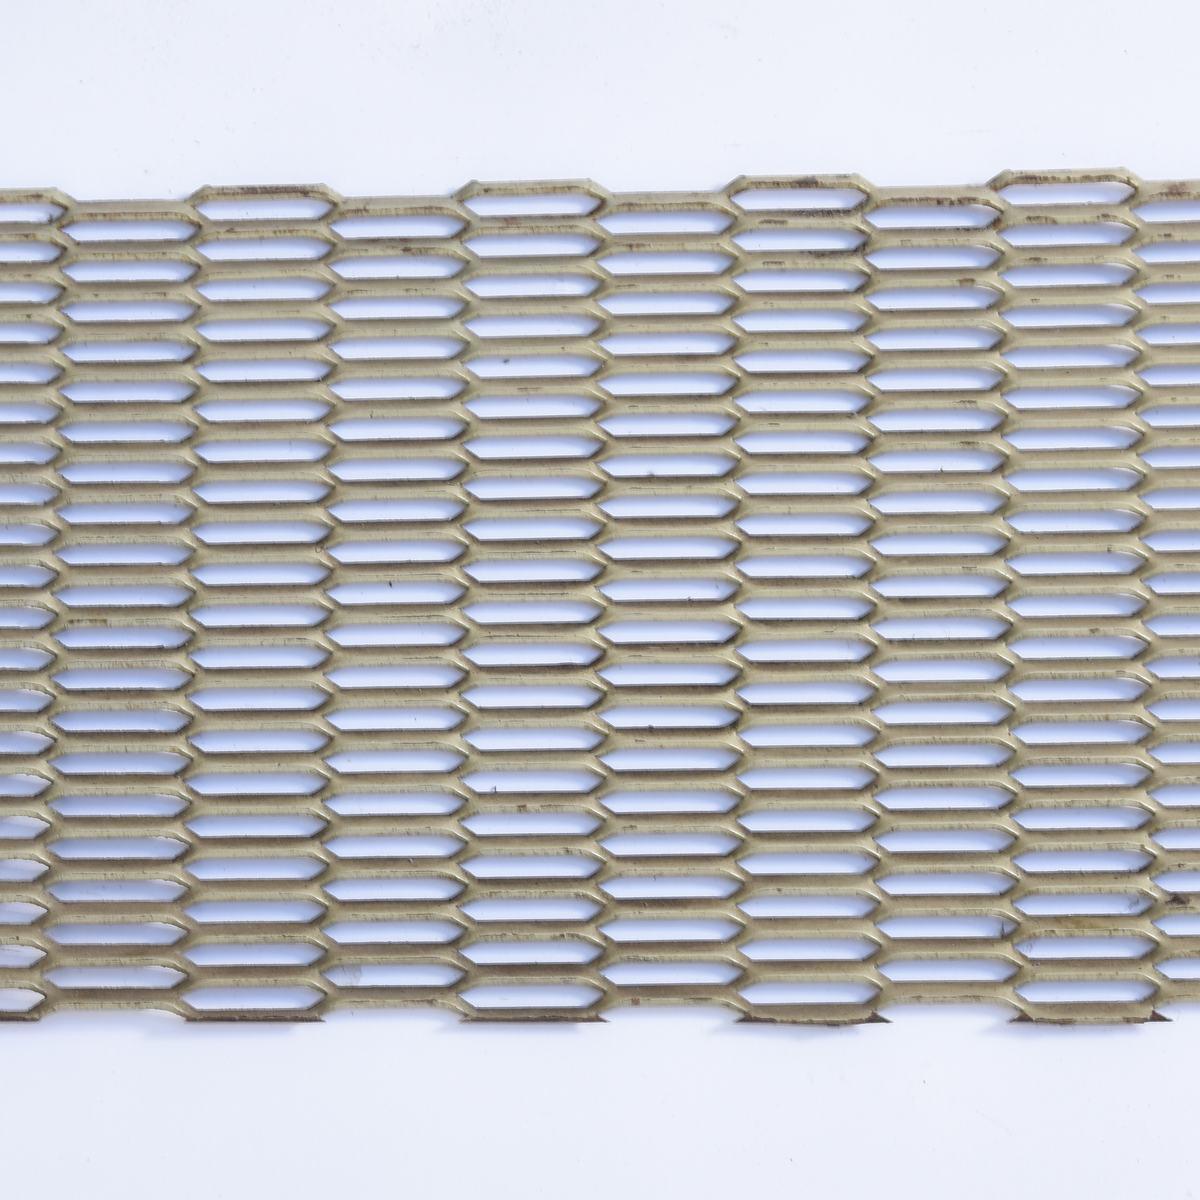 棱形装饰网